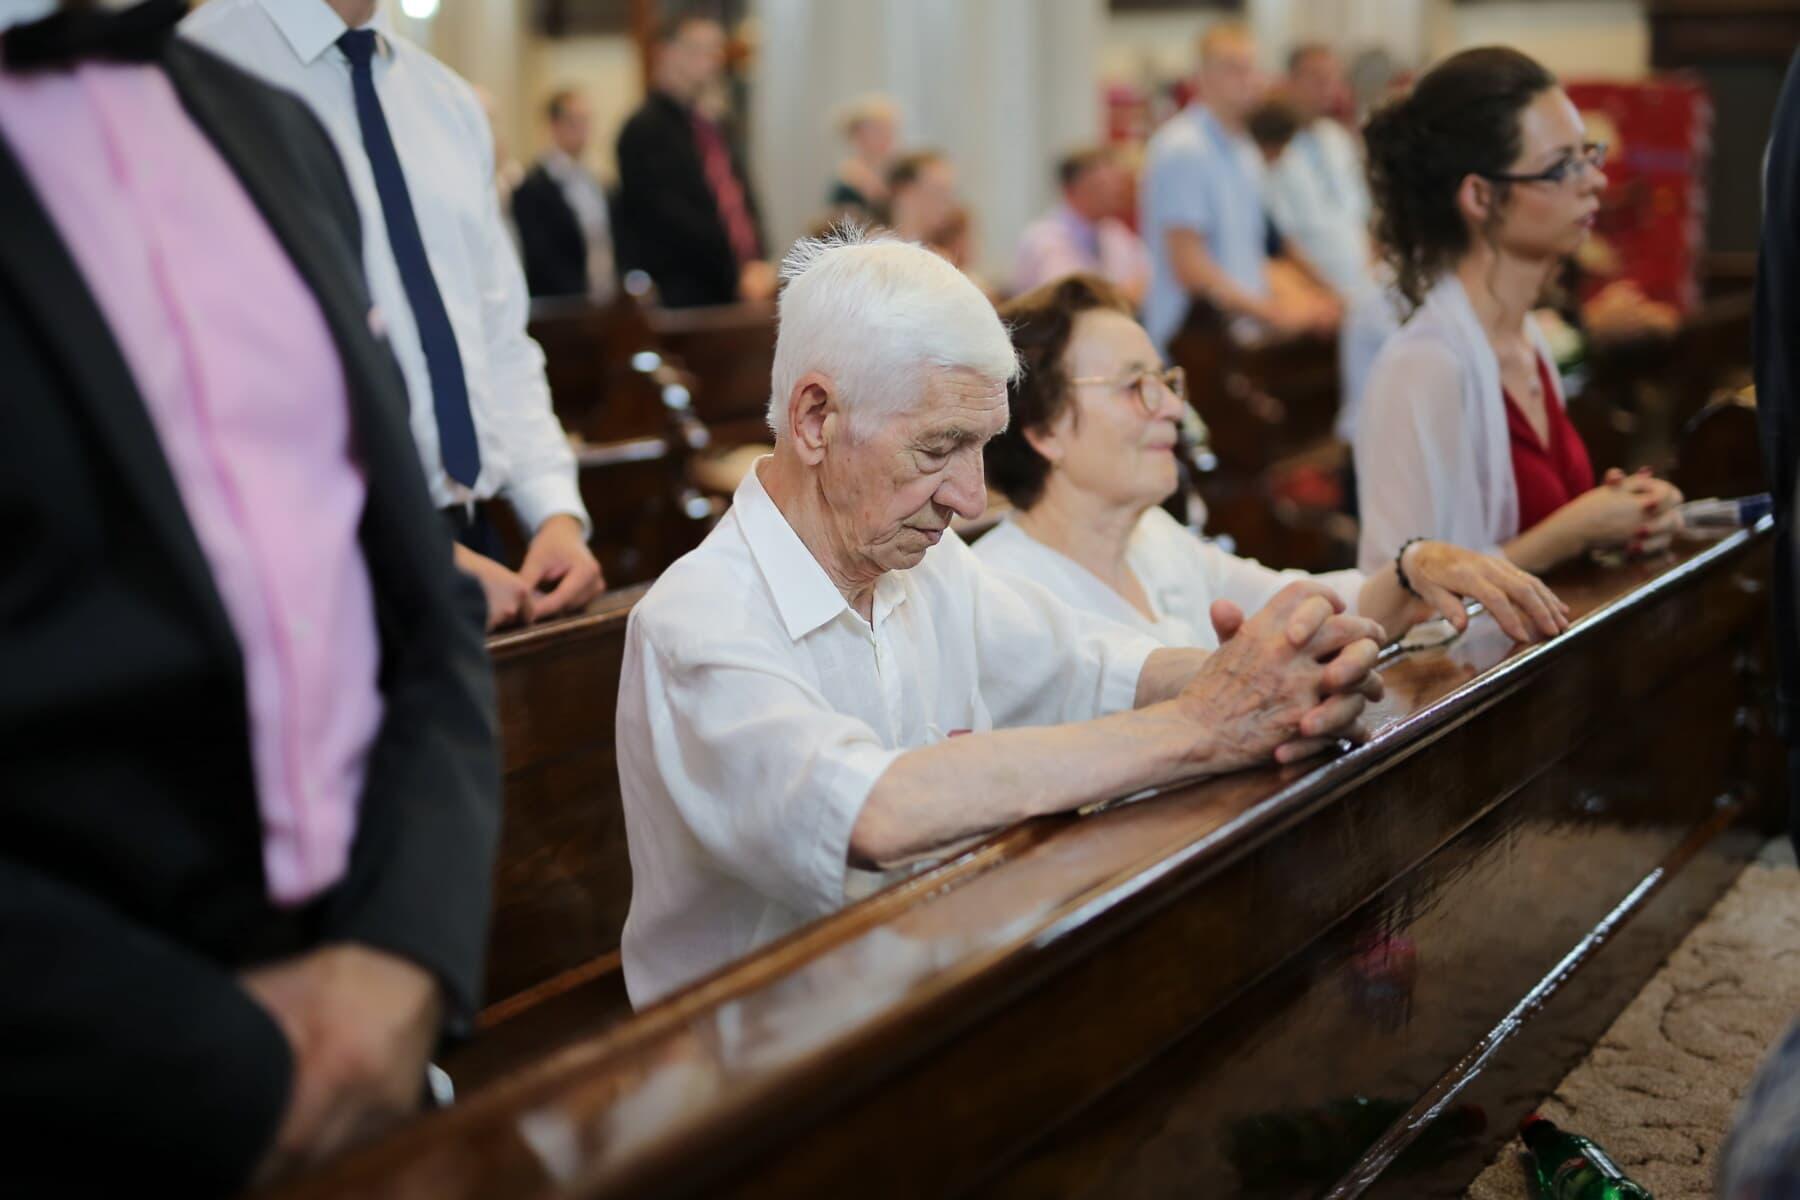 homme, église, personnes âgées, gens, prière, religieux, assis, spiritualité, personne